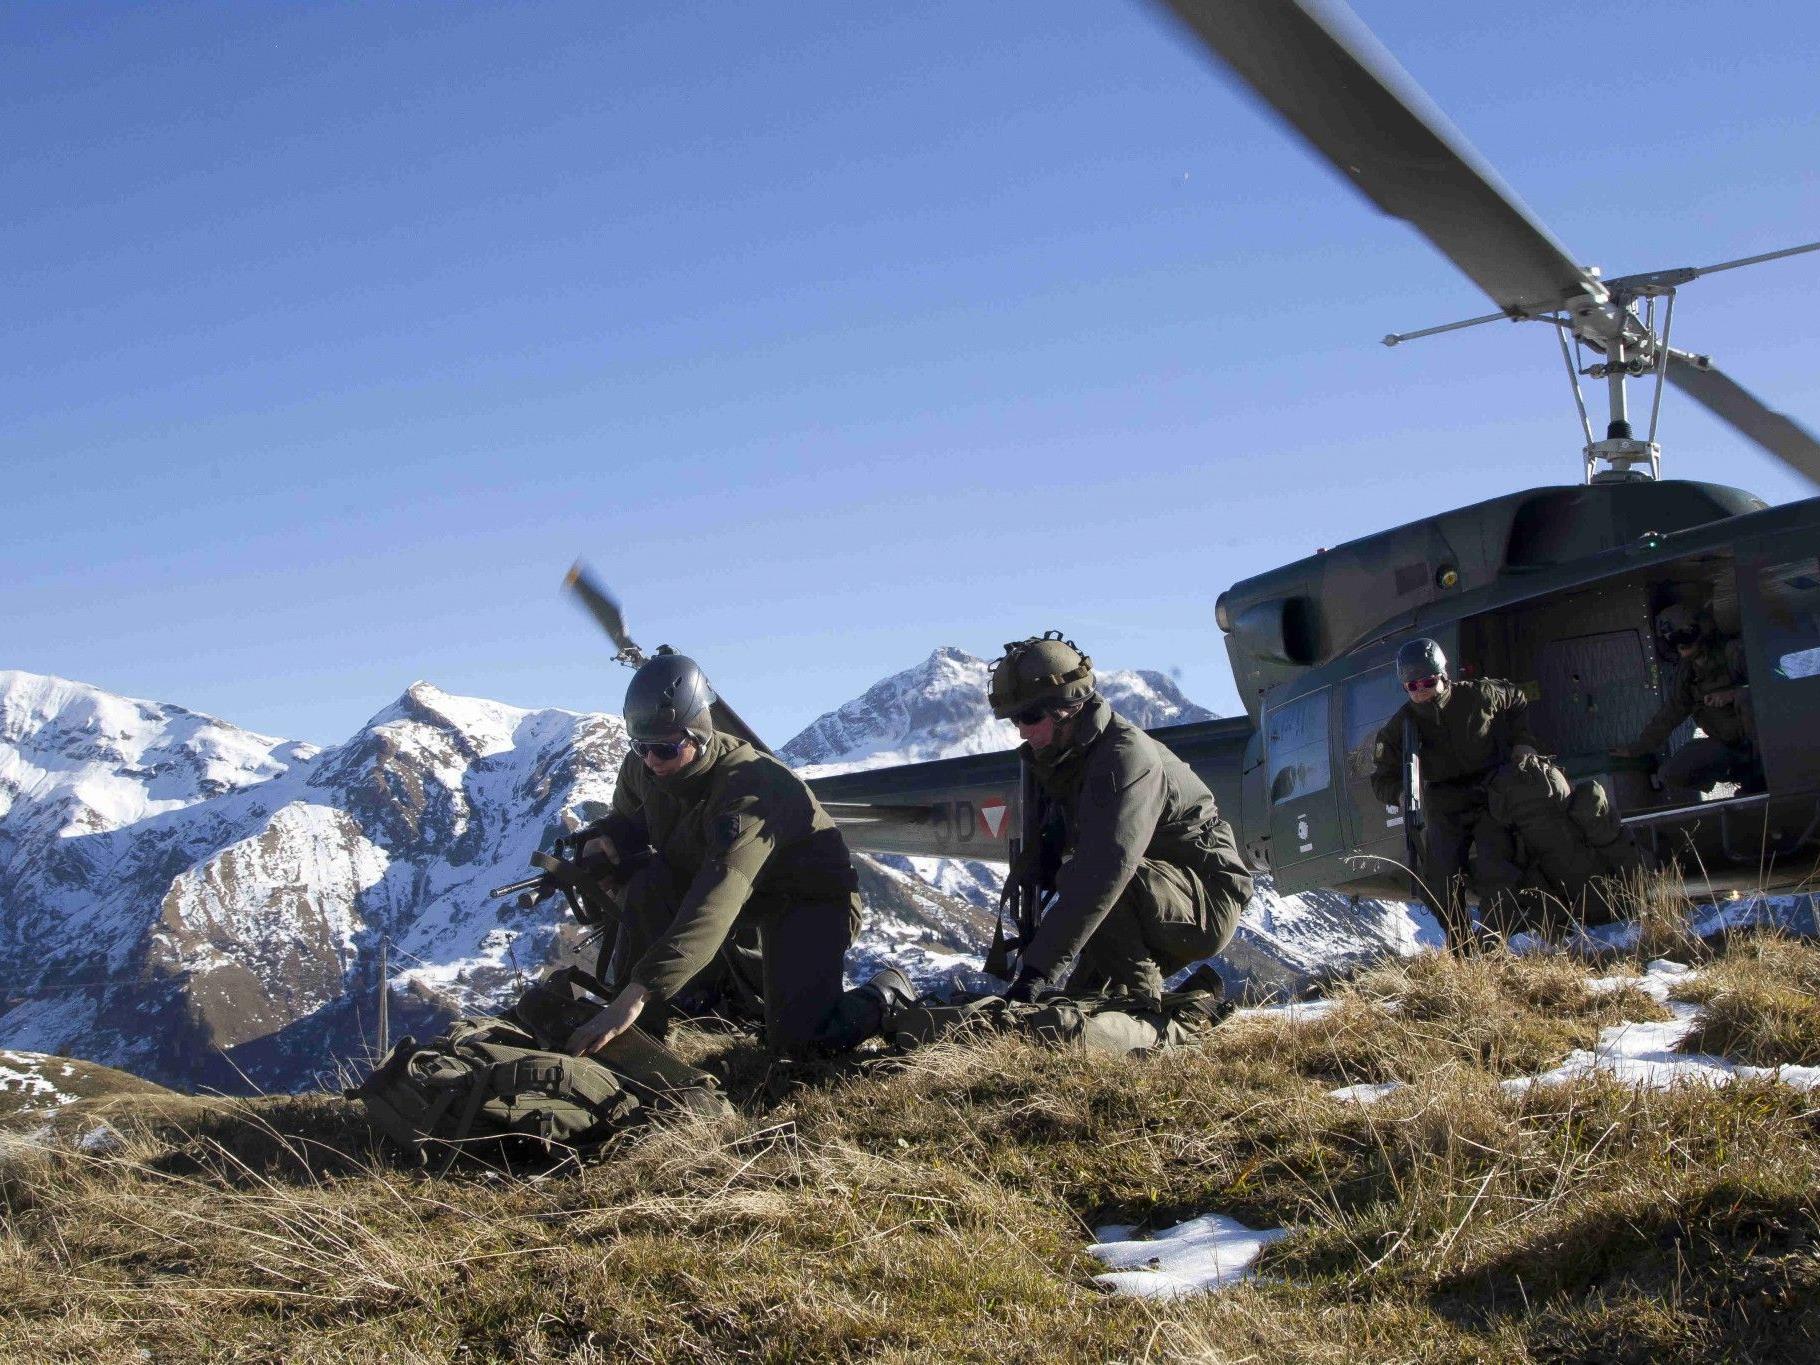 Im Mittelpunkt der Übung stehen Hubschraubertransporte und das Übernachten im Zelt.